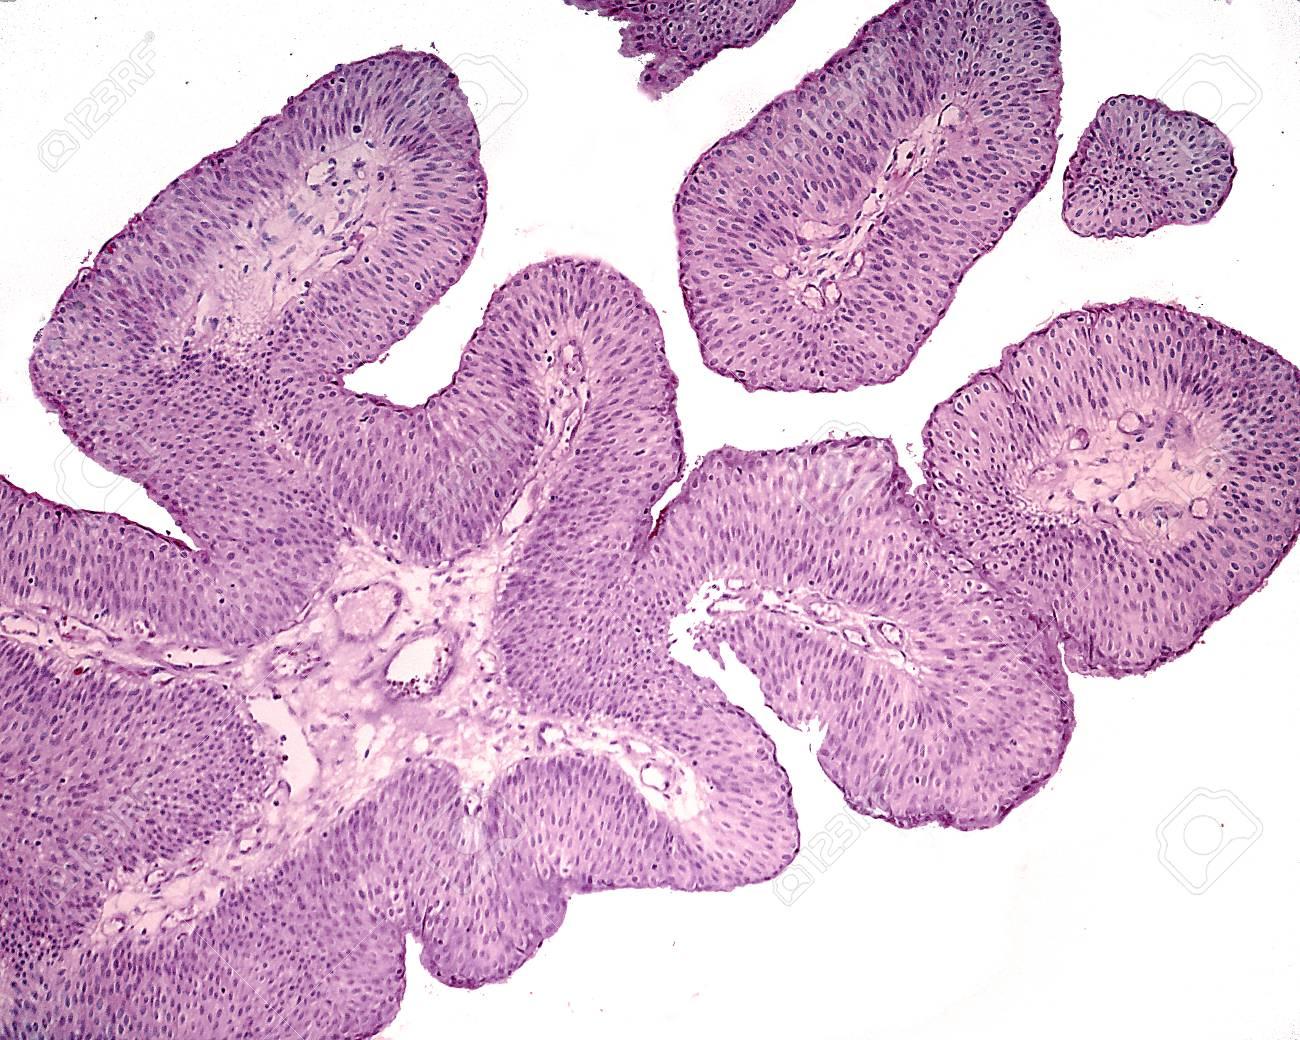 bladder papilloma histology)